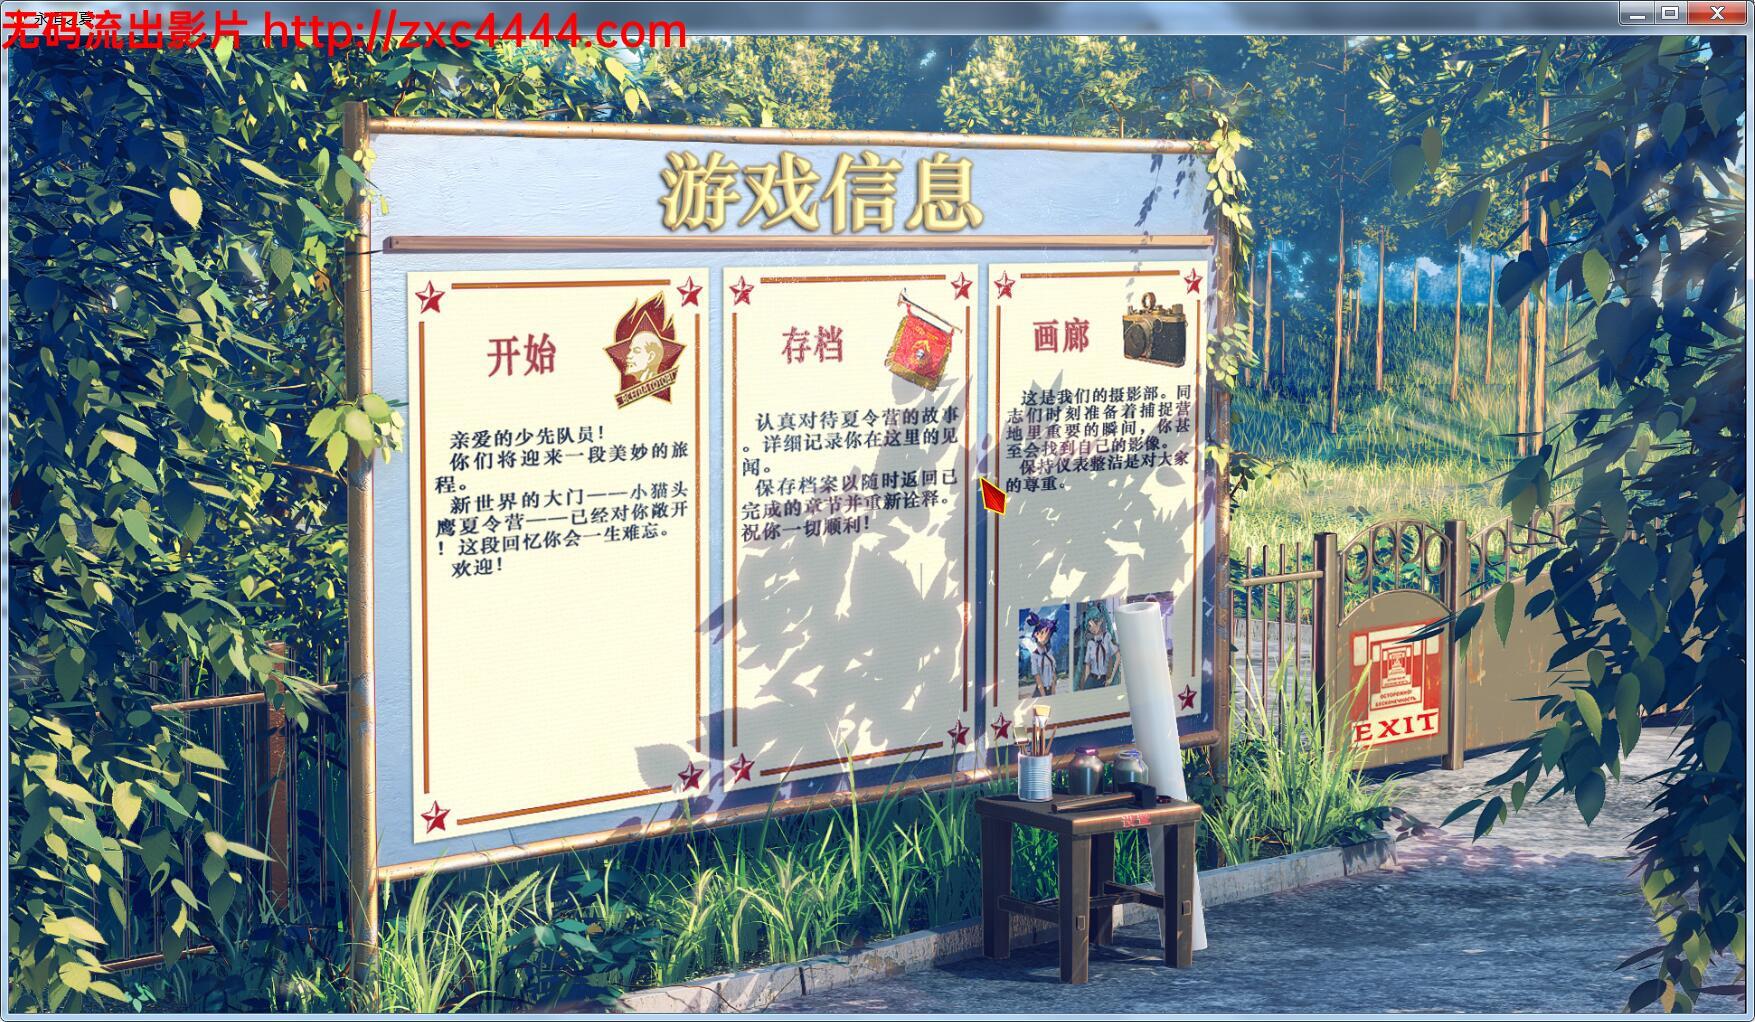 【毛子佳作SLG中文】永恒之夏 STEAM官中破解版付社保补丁图文攻略【1.2G】